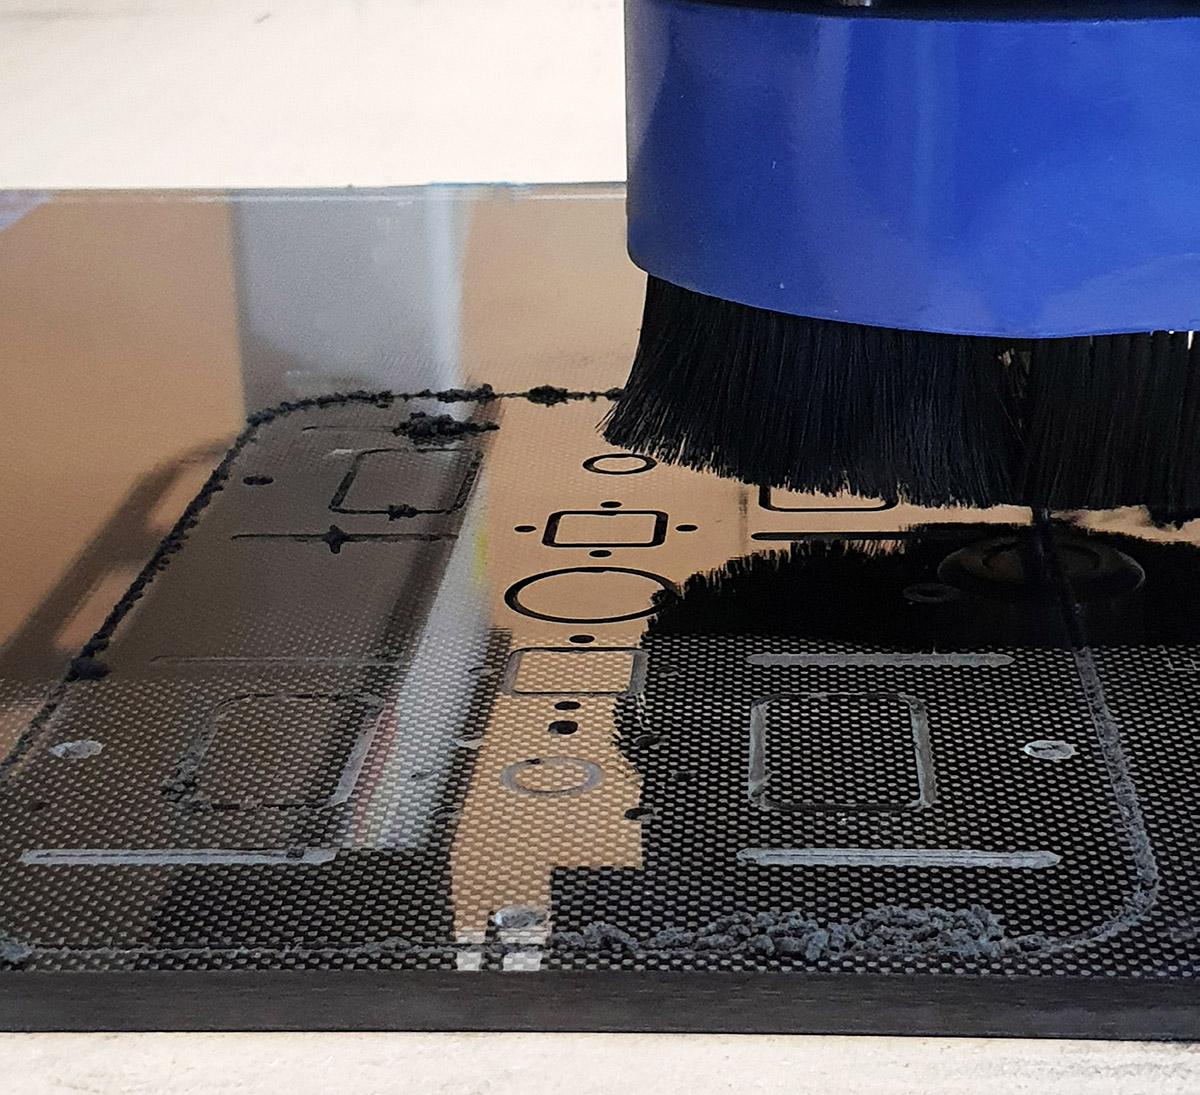 Cięcie & frezowanie płyt z włókna węglowego na CNC